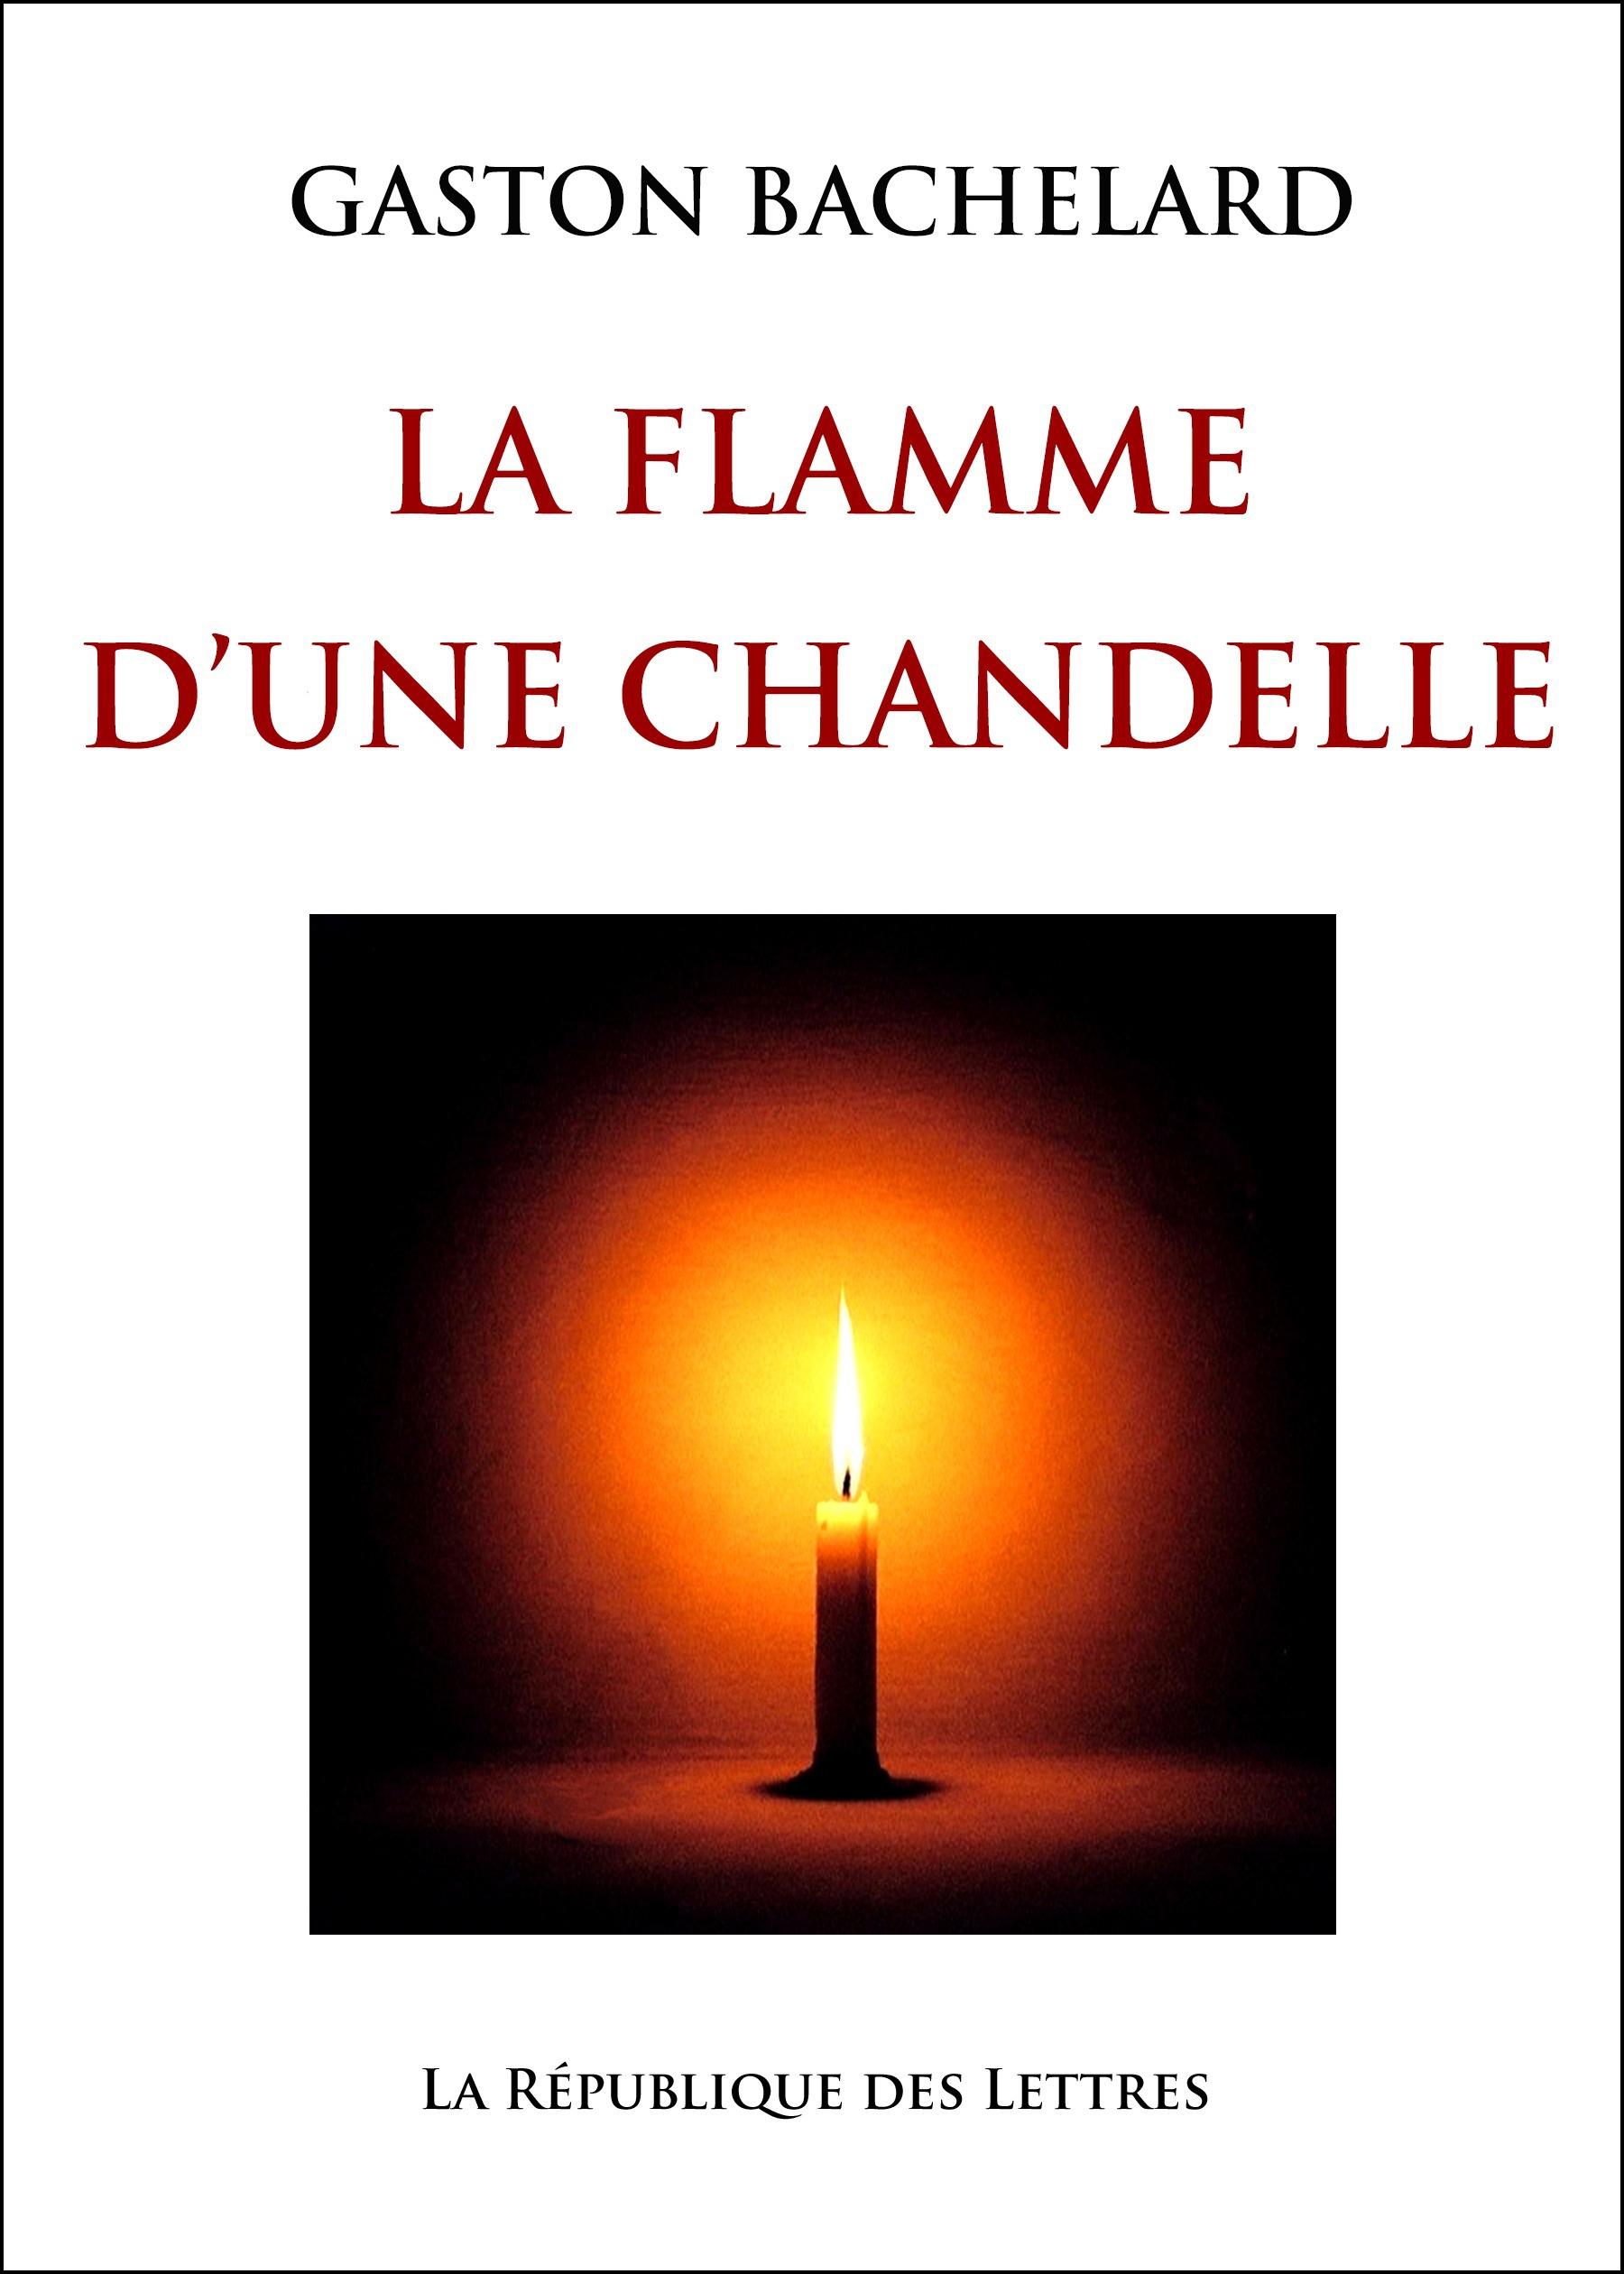 Gaston Bachelard La flamme d'une chandelle